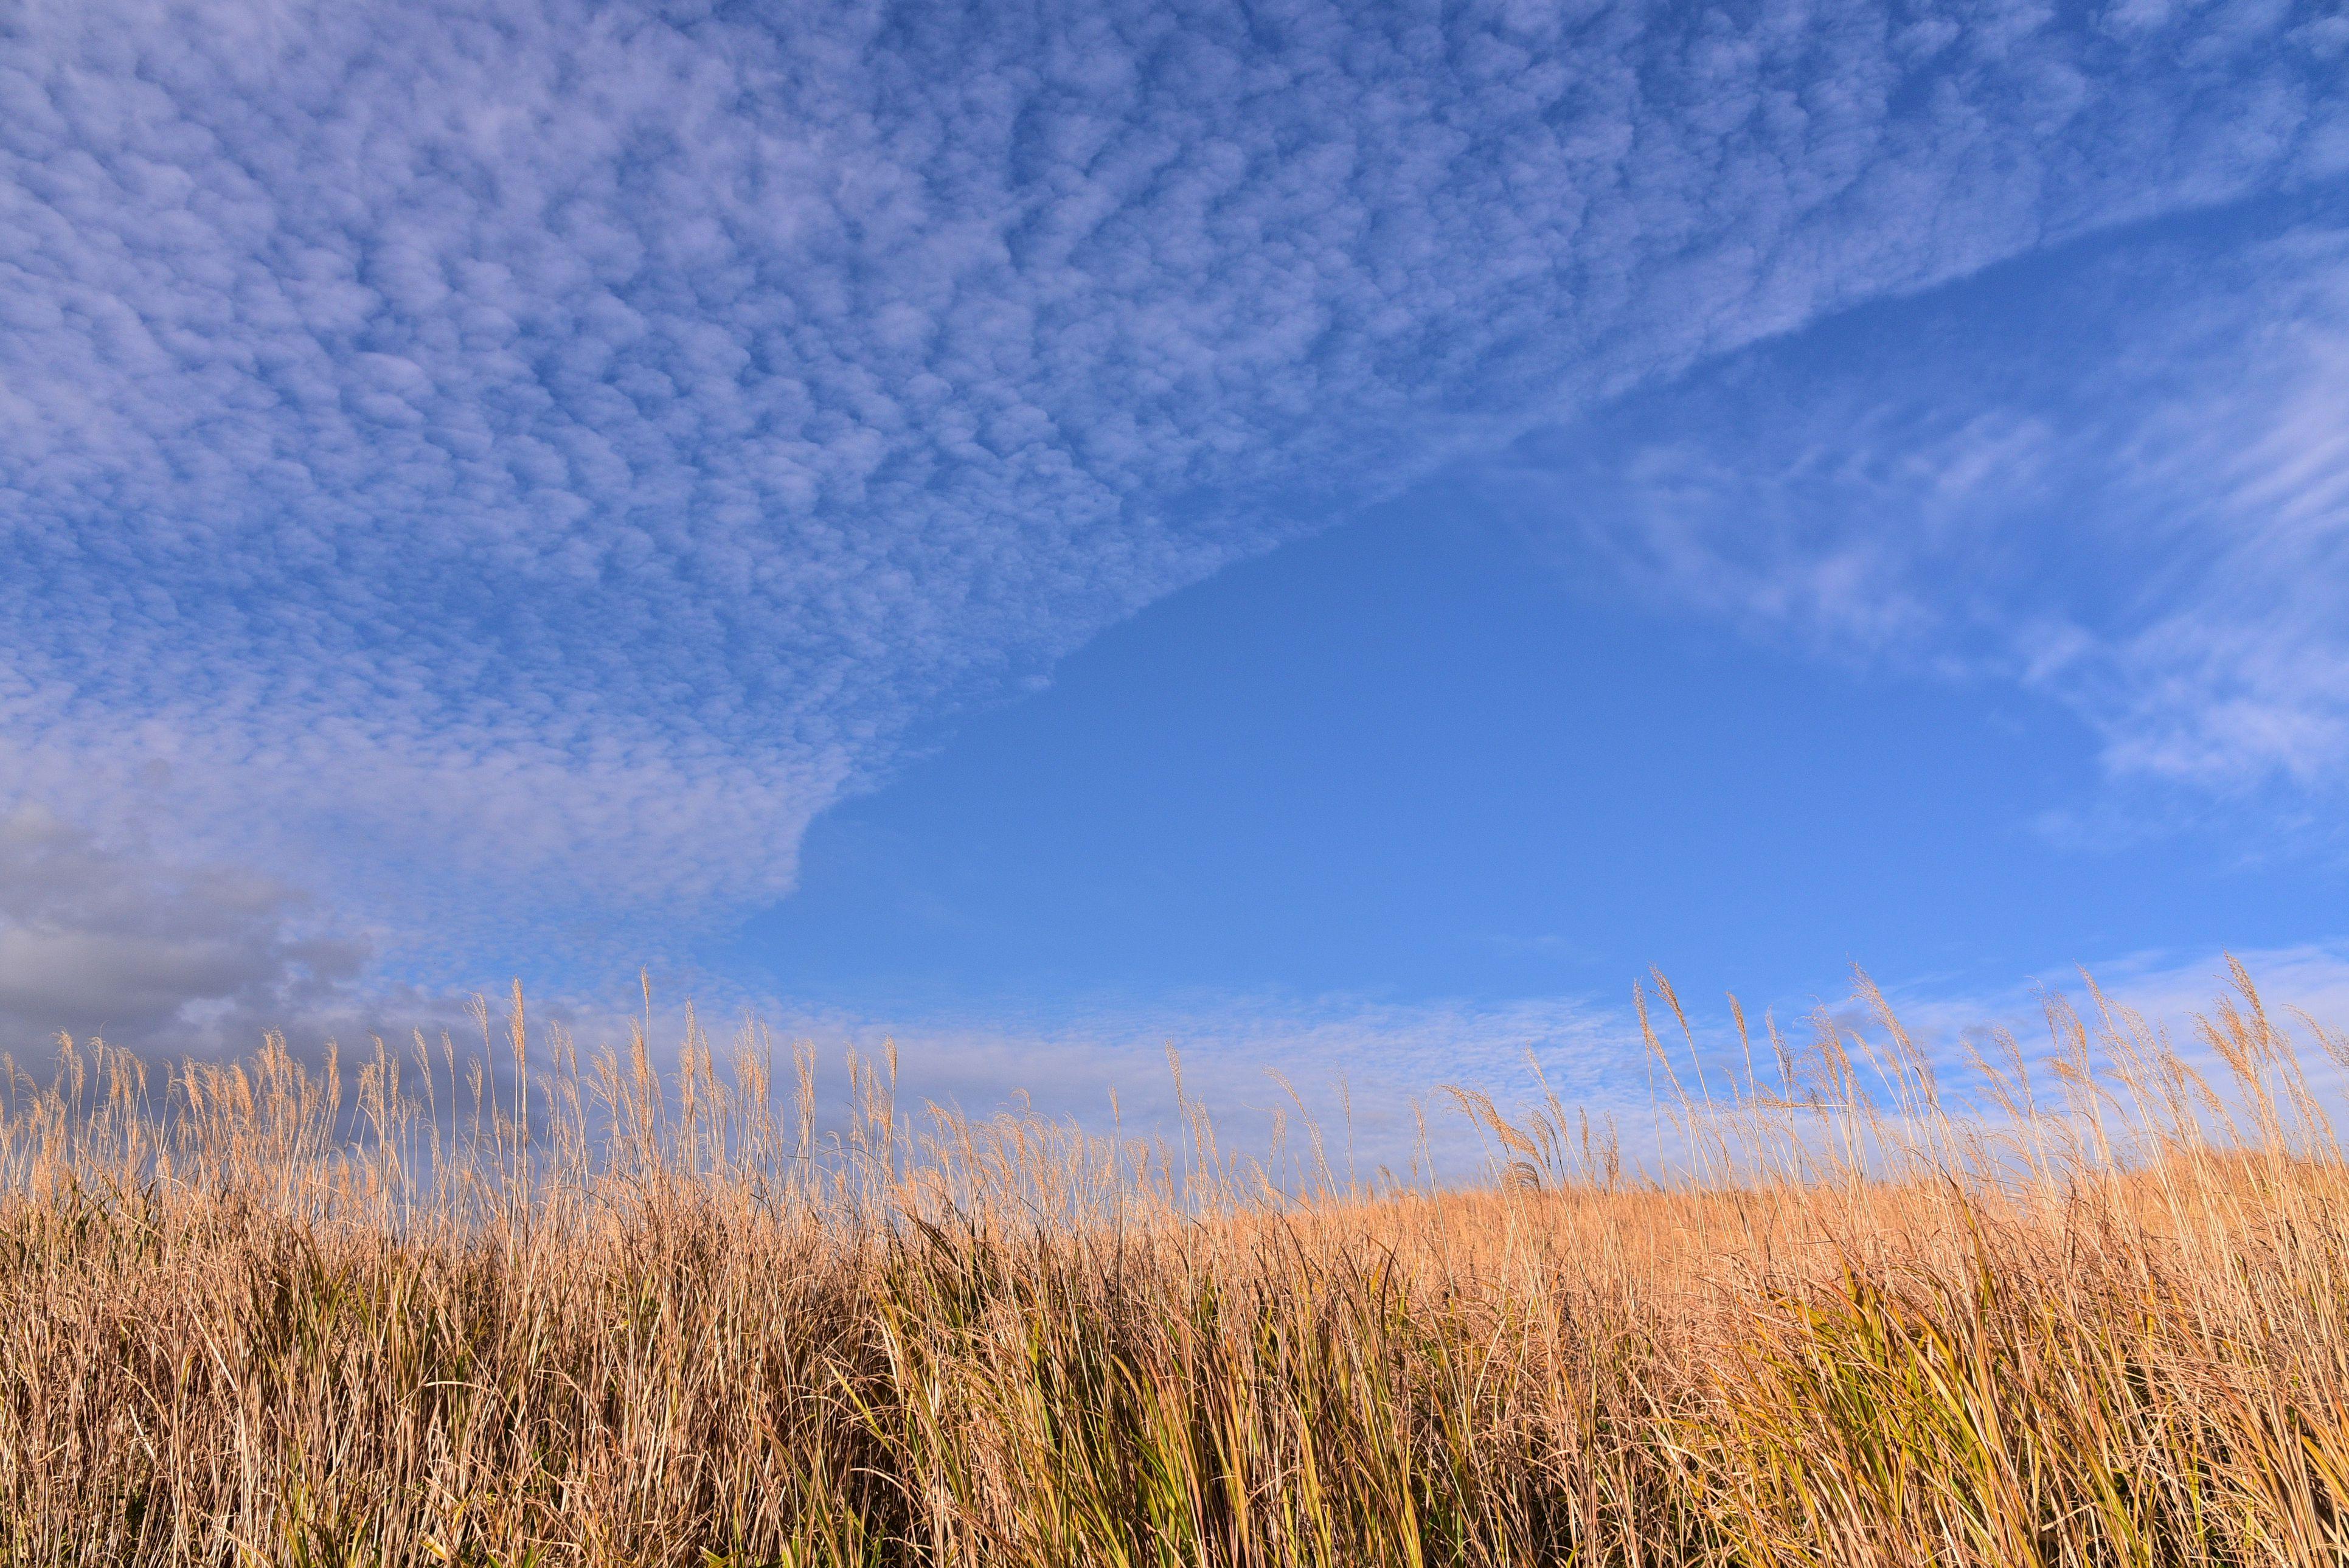 Meadow grass field under blue sky aso milk road, japan